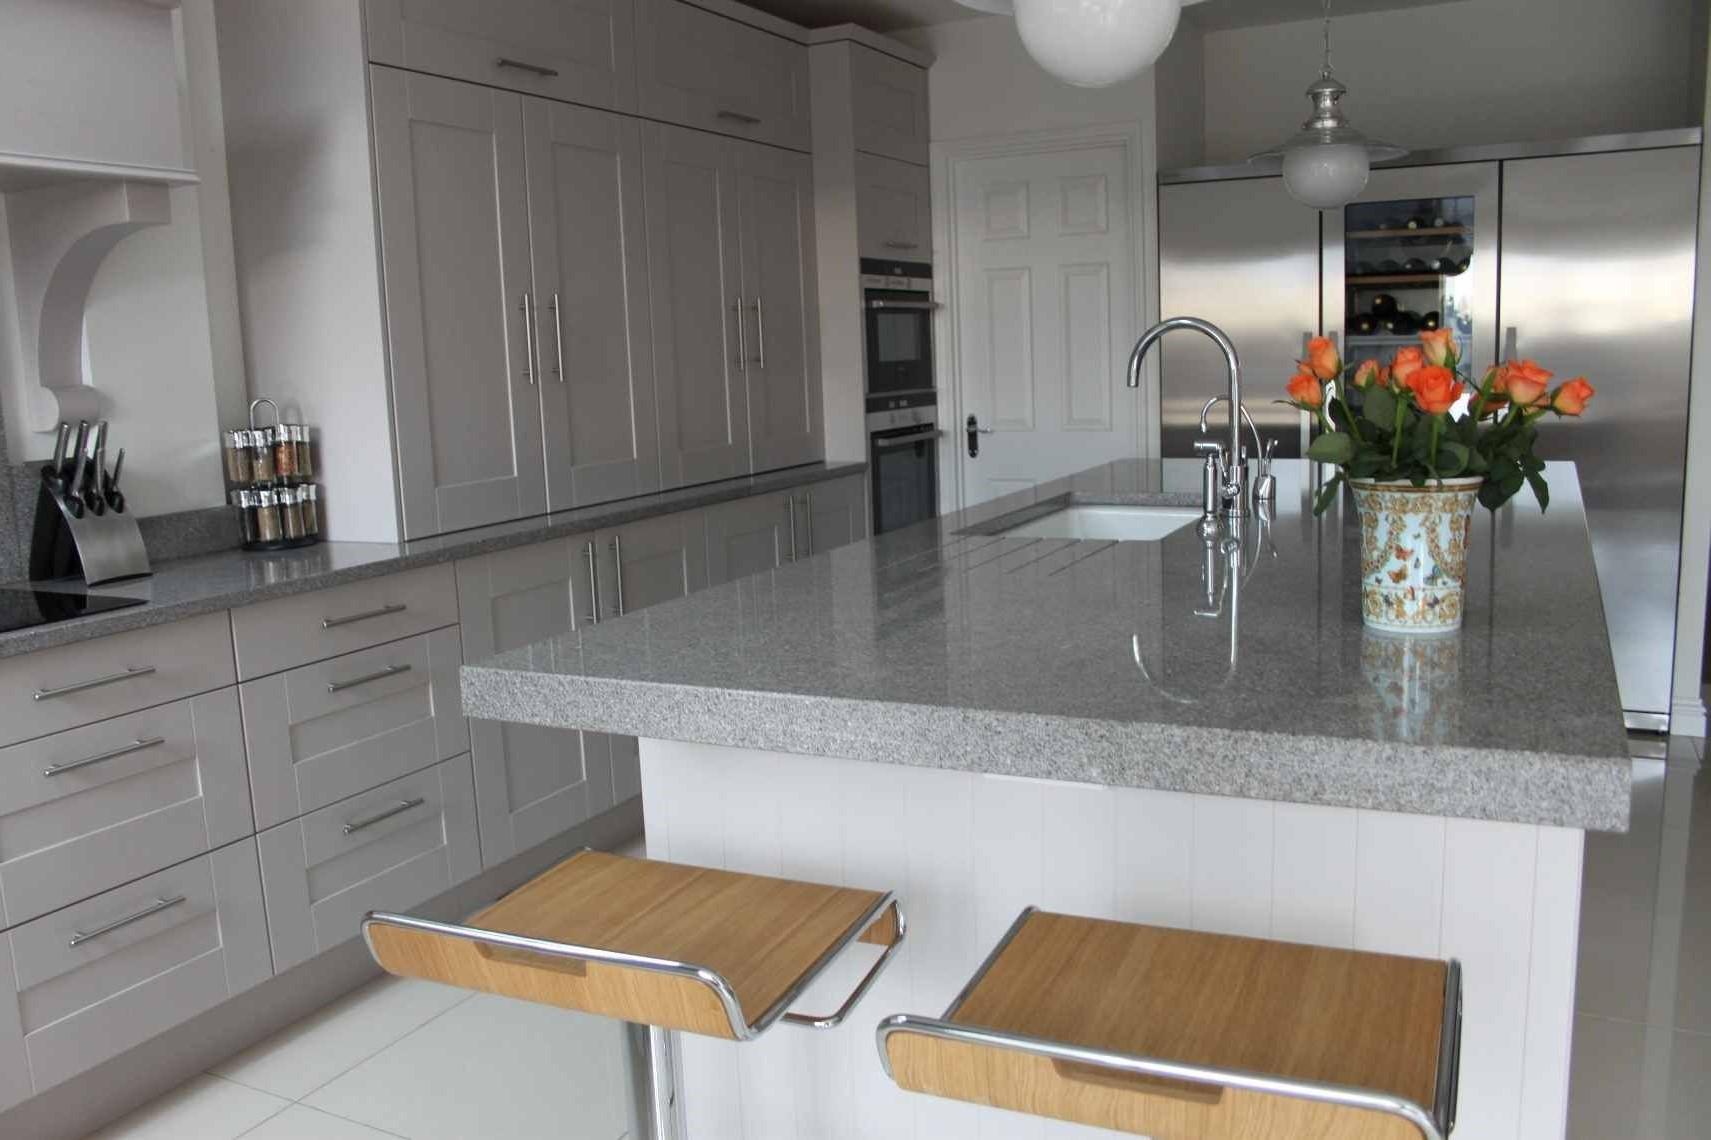 Cela s'est avéré être la meilleure hauteur ergonomique pour un comptoir de cuisine.